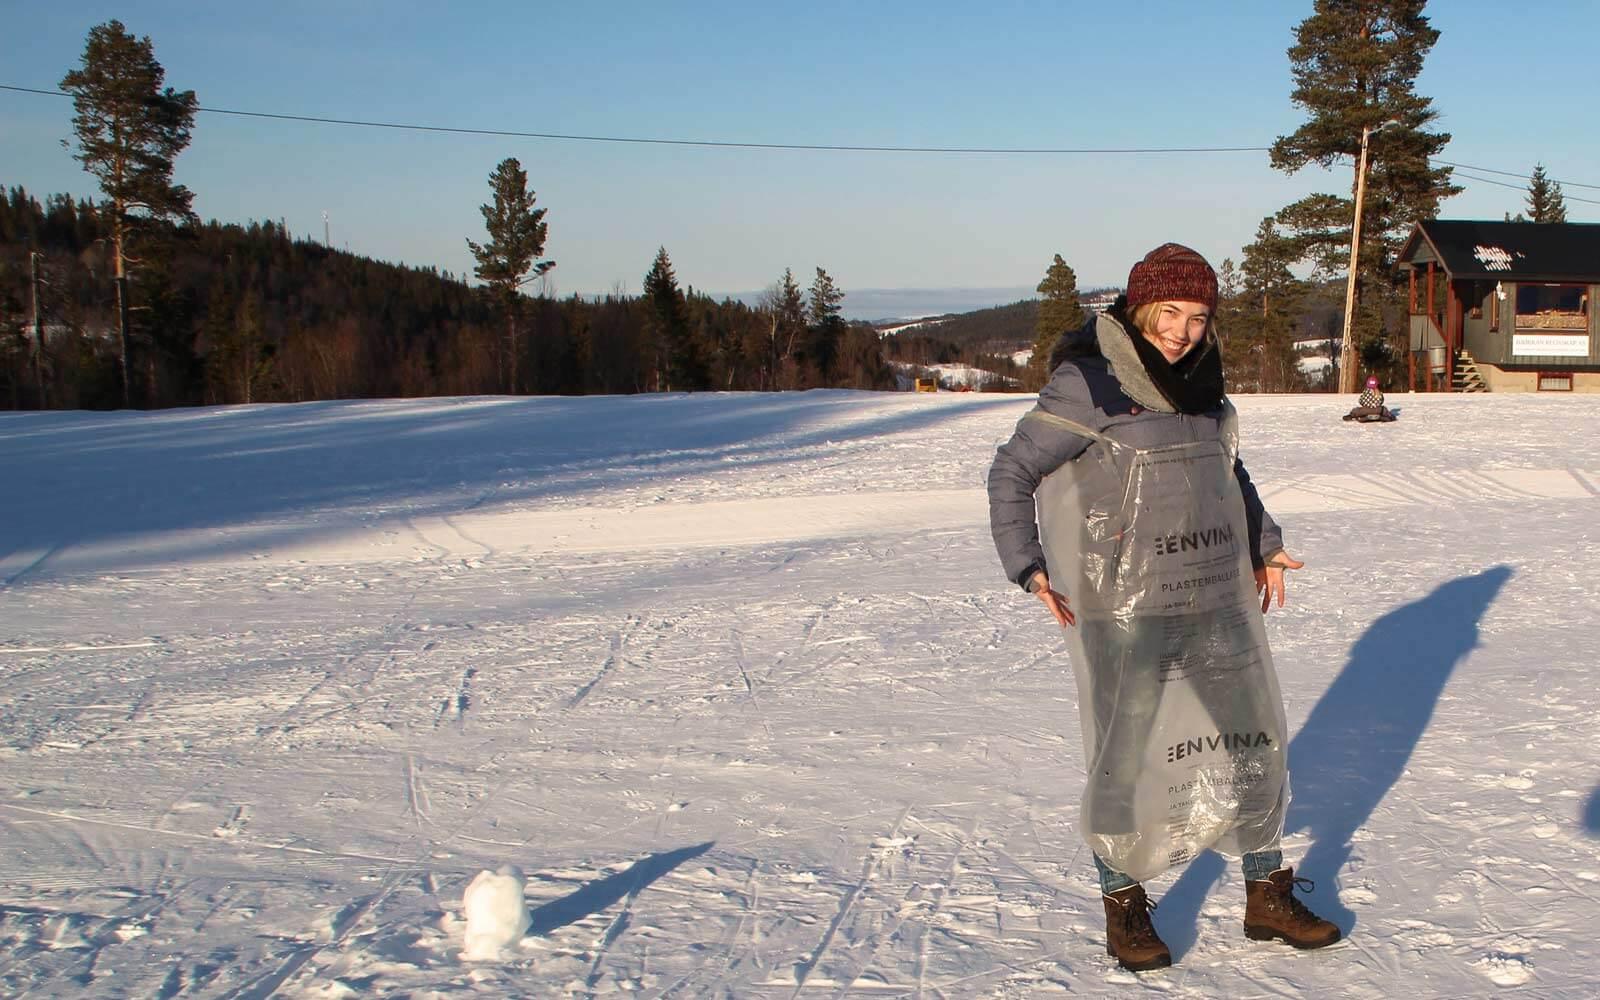 Steffi im Müllsack in Norwegen